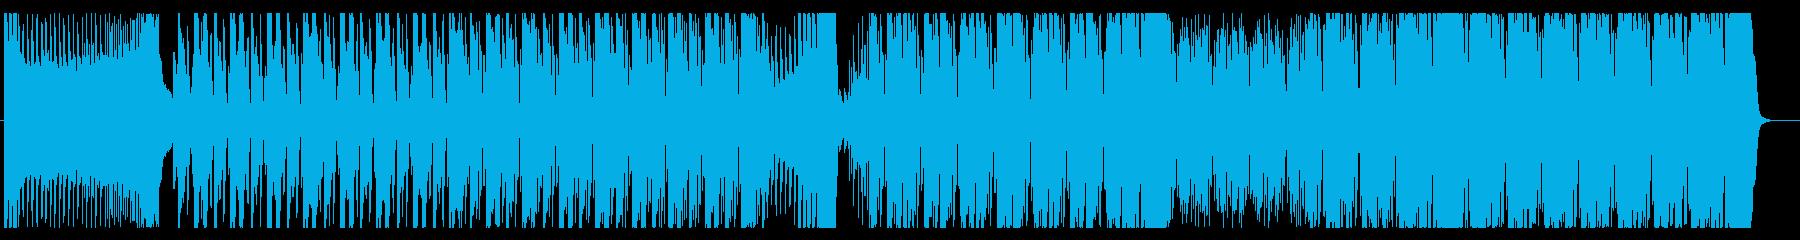 ダイナミック力強いブラスを使ったトラップの再生済みの波形